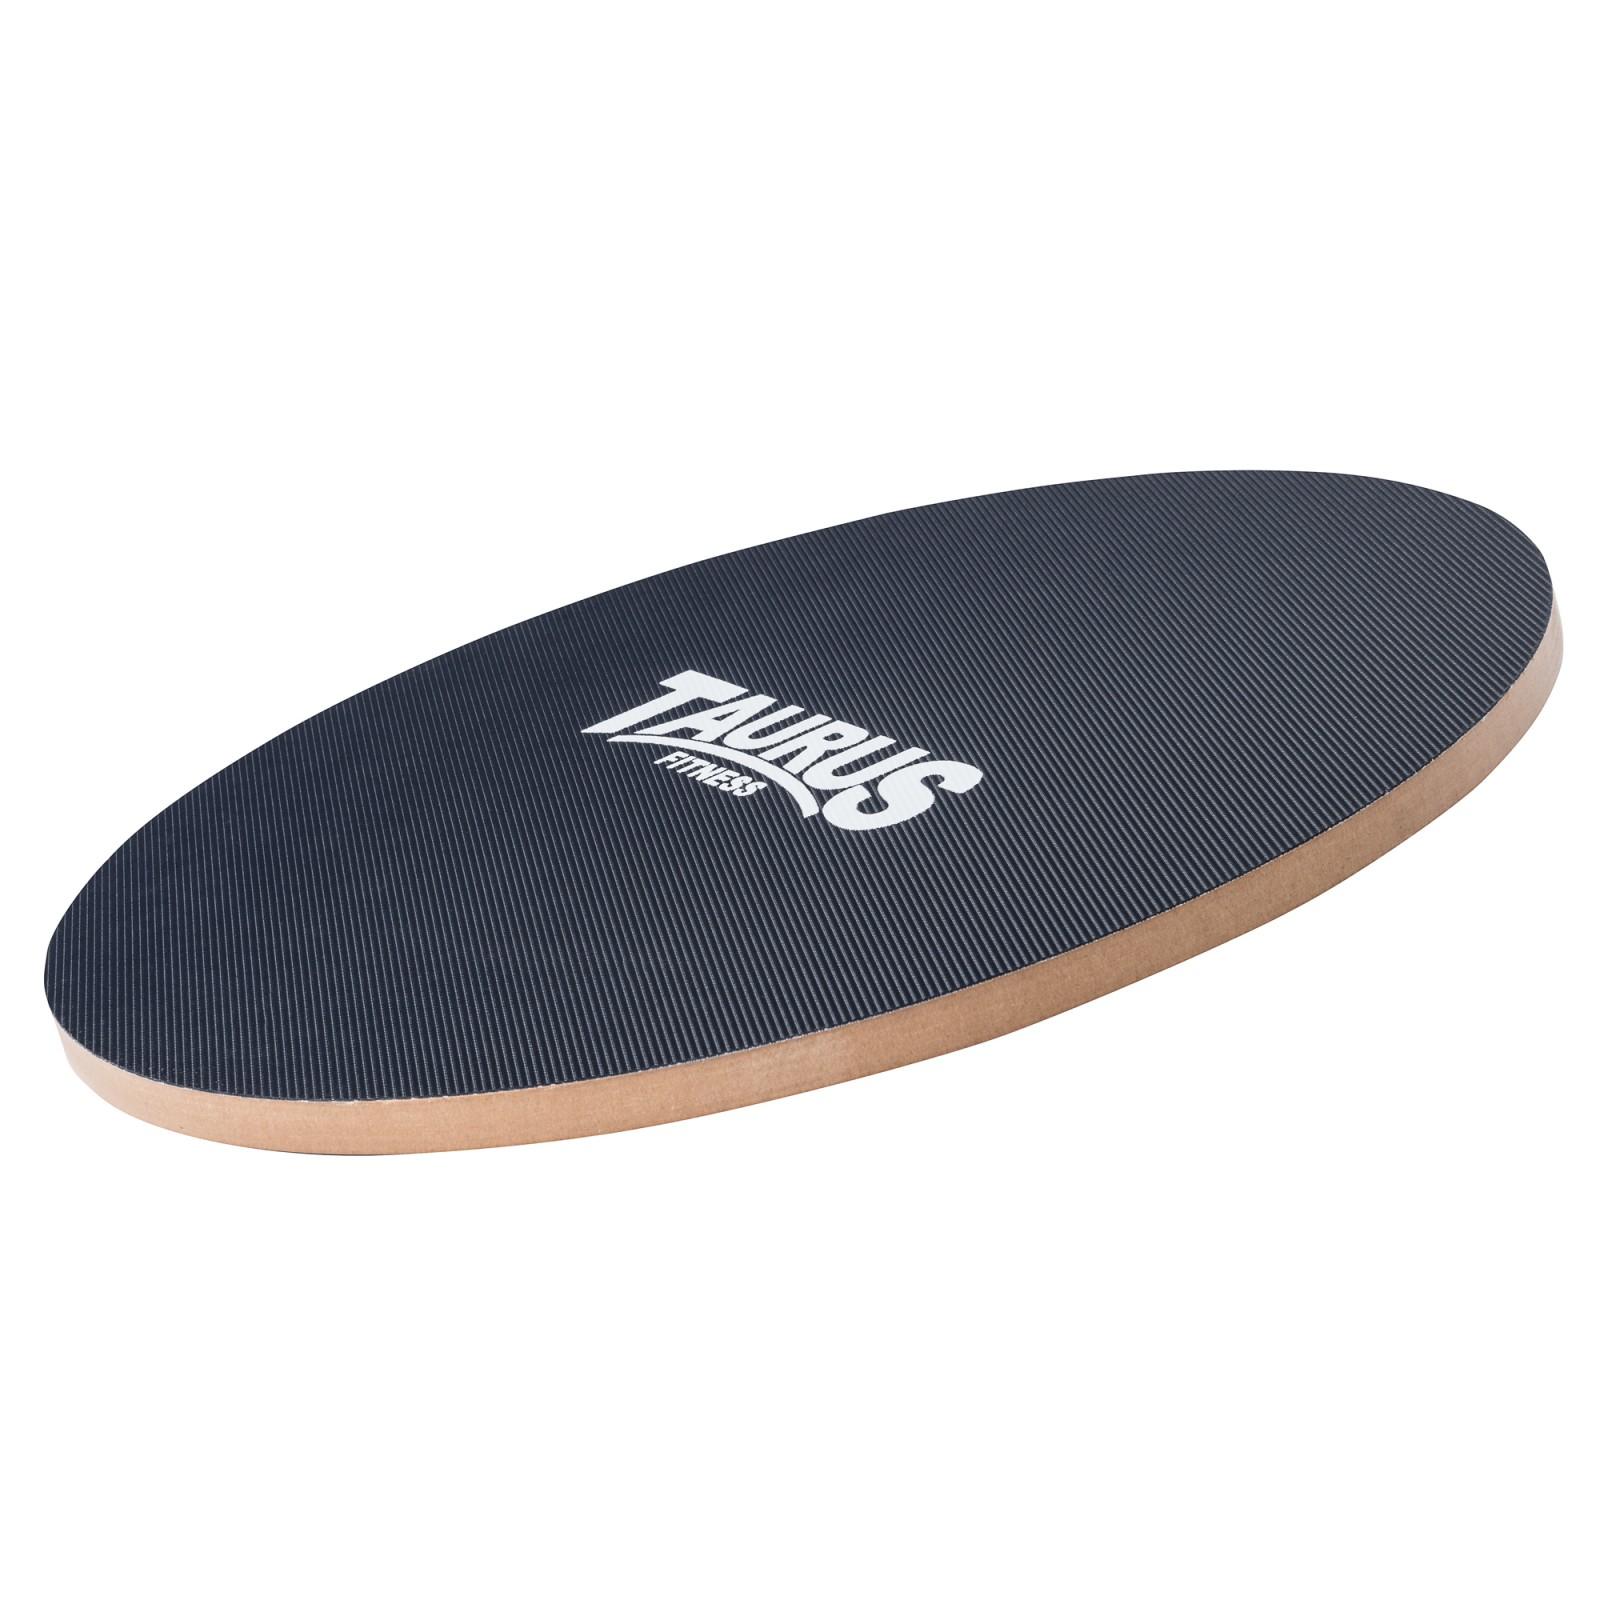 taurus balance board wooden kaufen mit 17. Black Bedroom Furniture Sets. Home Design Ideas